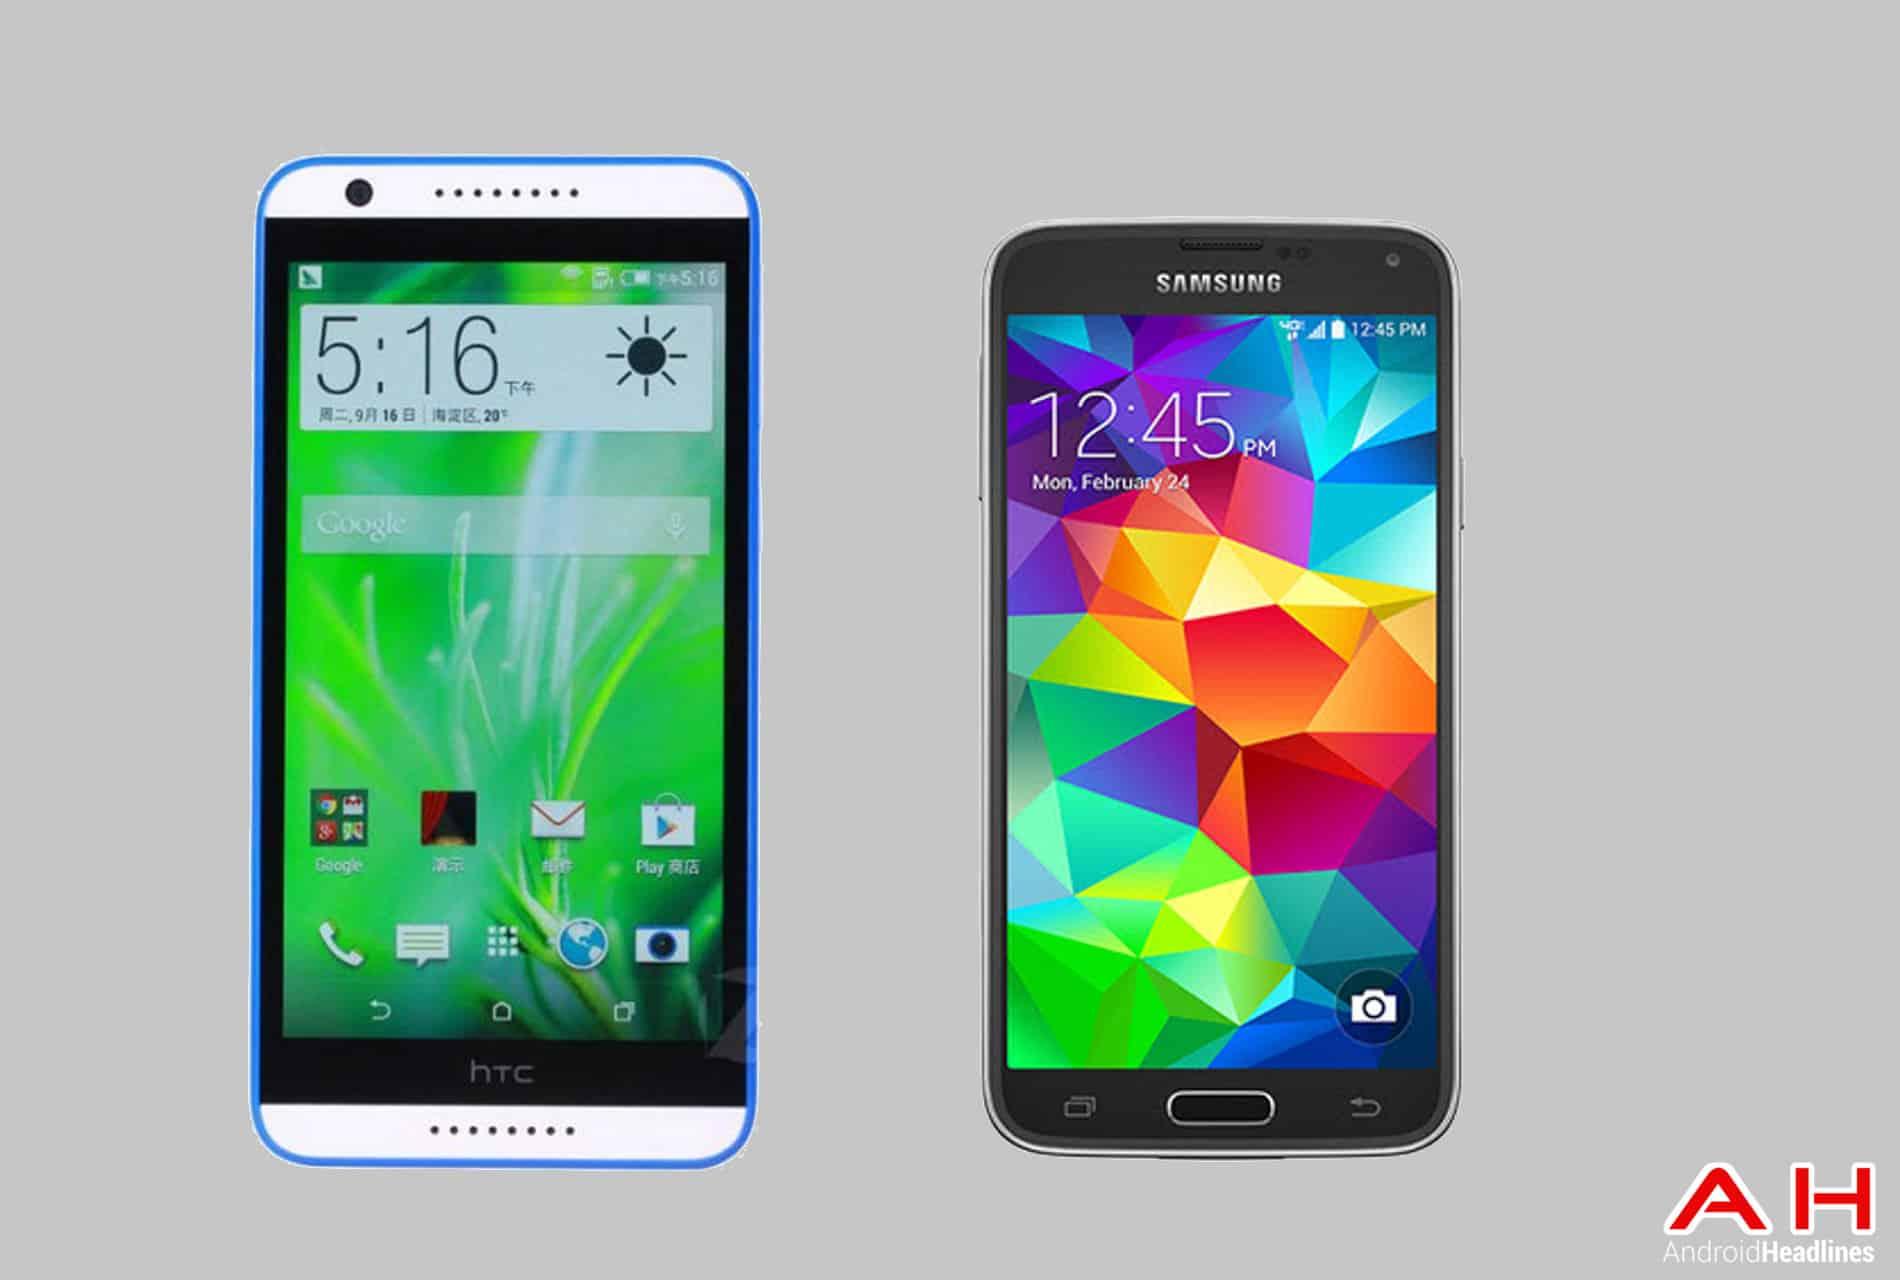 Desire 820 vs Galaxy S5 cam AH